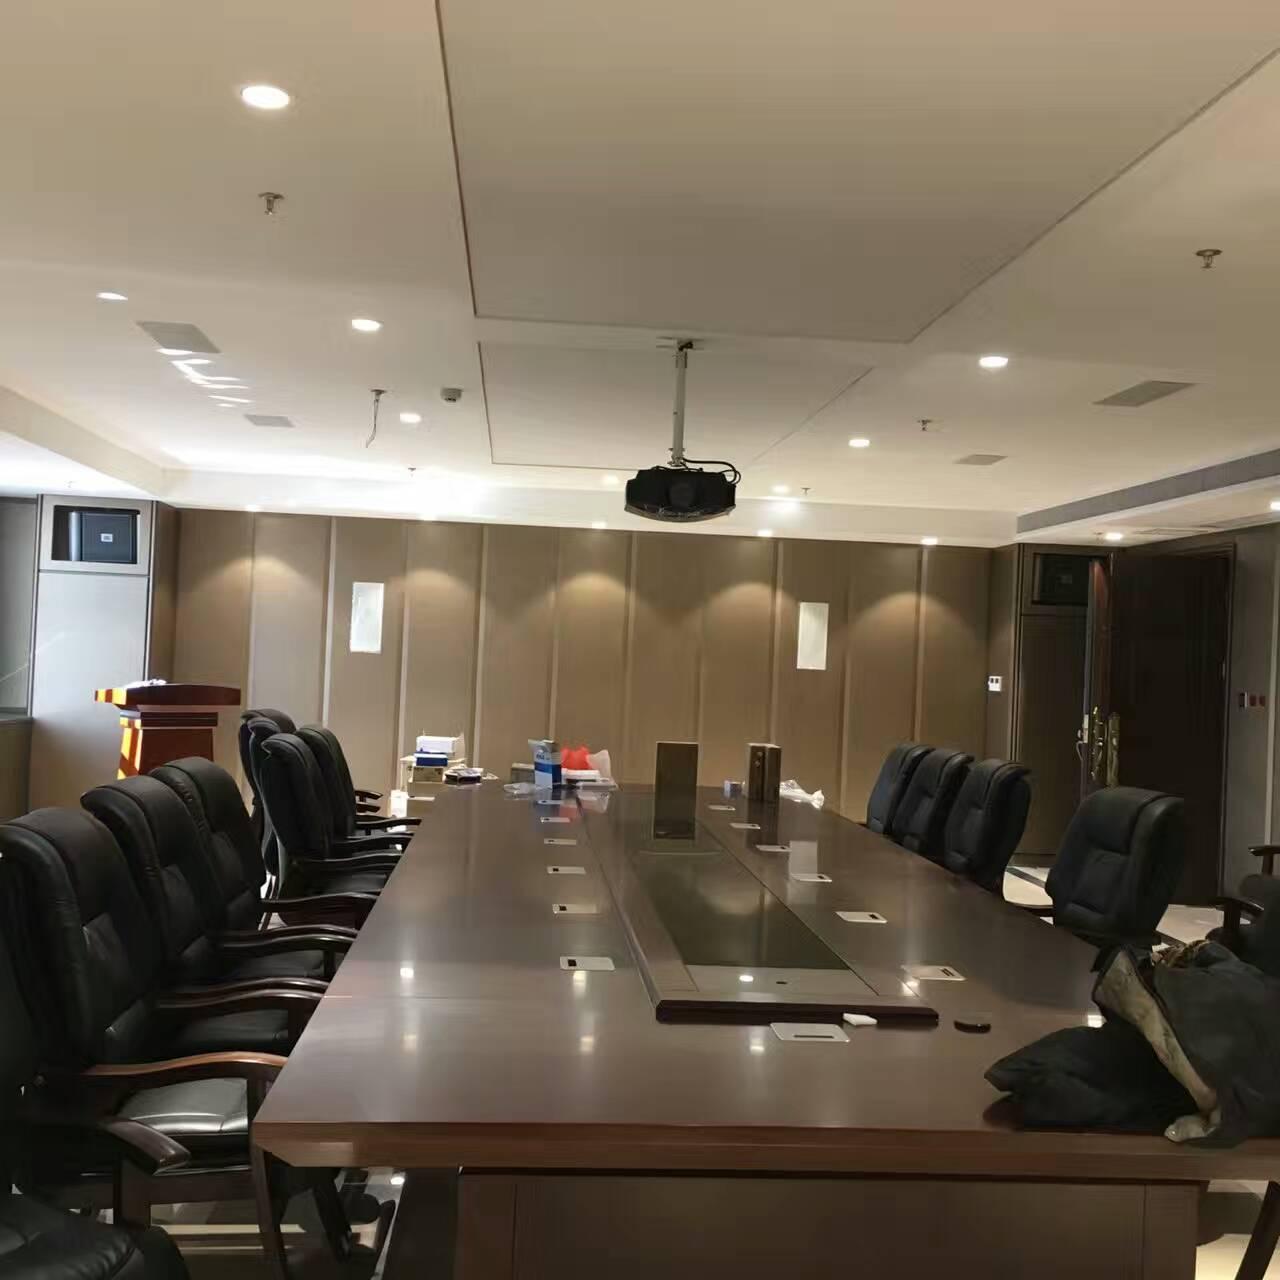 纳雍厂家供应会议室硬包  会议室硬包批发 会议室硬包